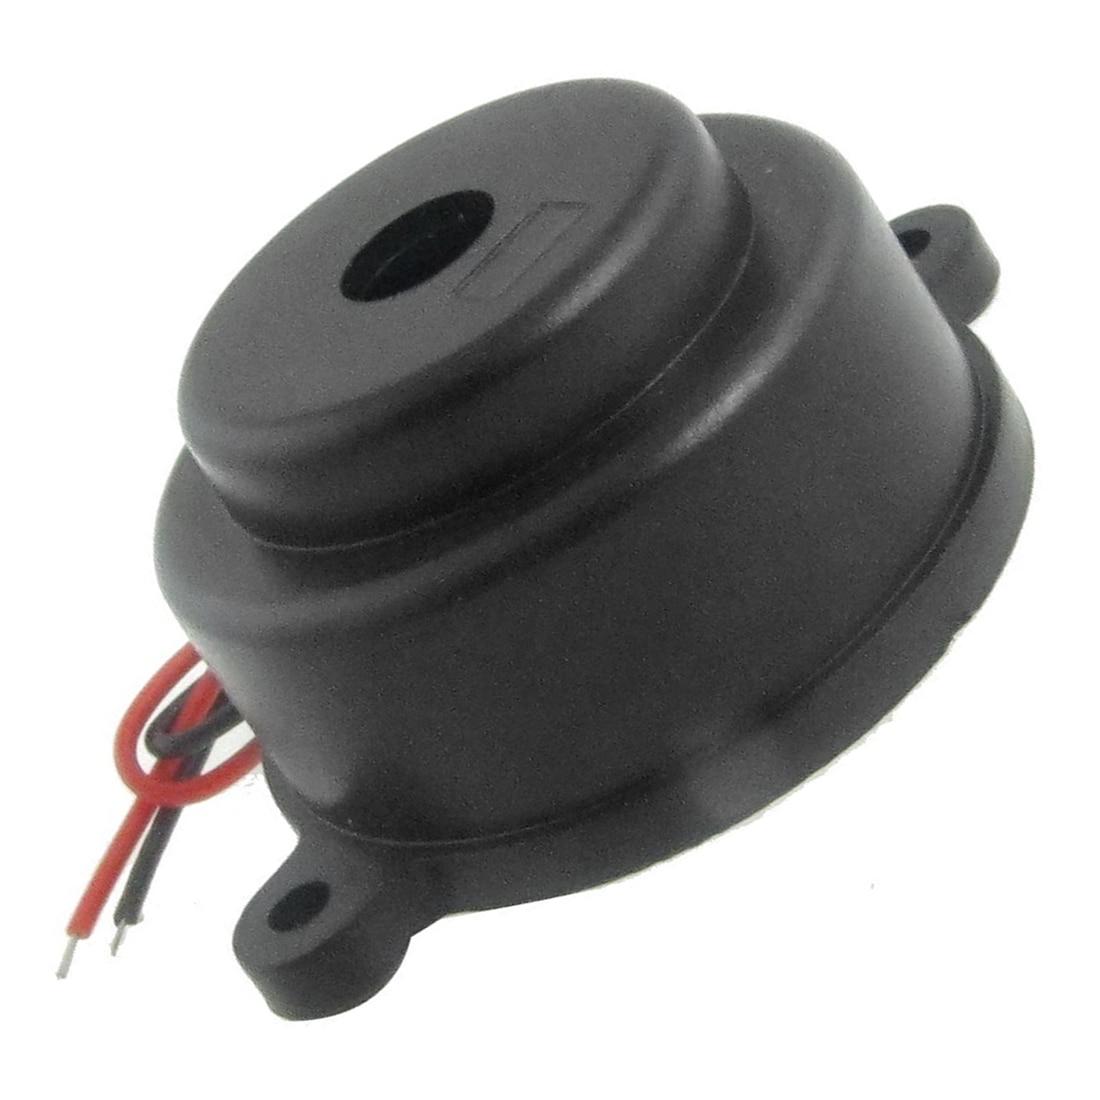 5 Packs LZQ-3022 DC12V 2 Wire Industrial Electronic Alarm Sound Buzzer 80dB